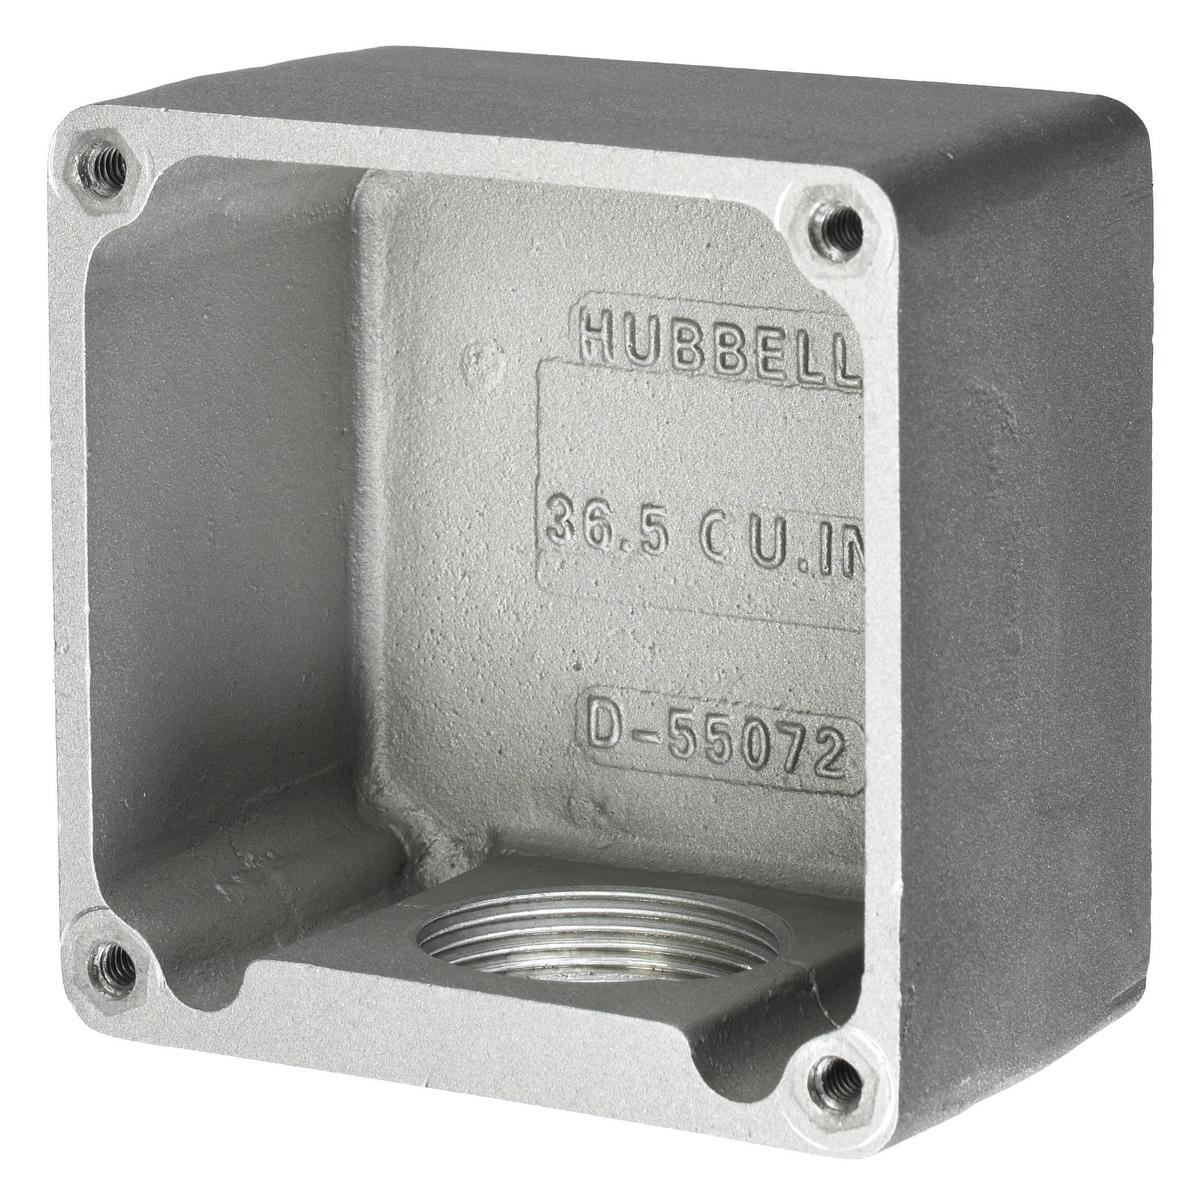 Hubbell HBL26401 60 Amp 600 Volt Cast Aluminum Receptacle Box